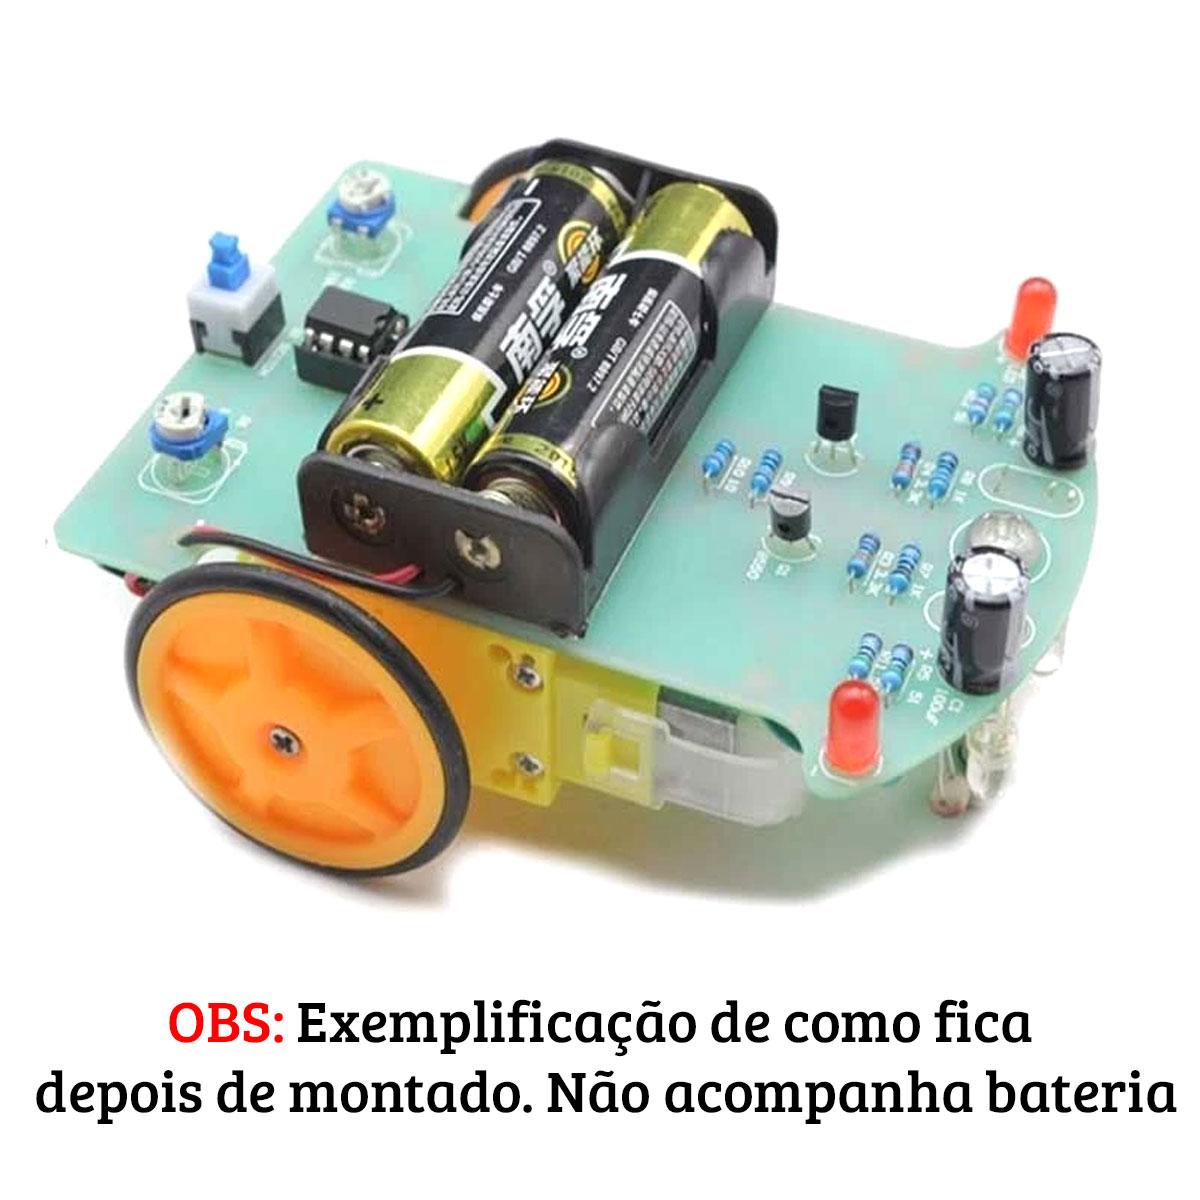 Kit Robô Seguidor de Linha 2 Rodas DIY - Faça você mesmo